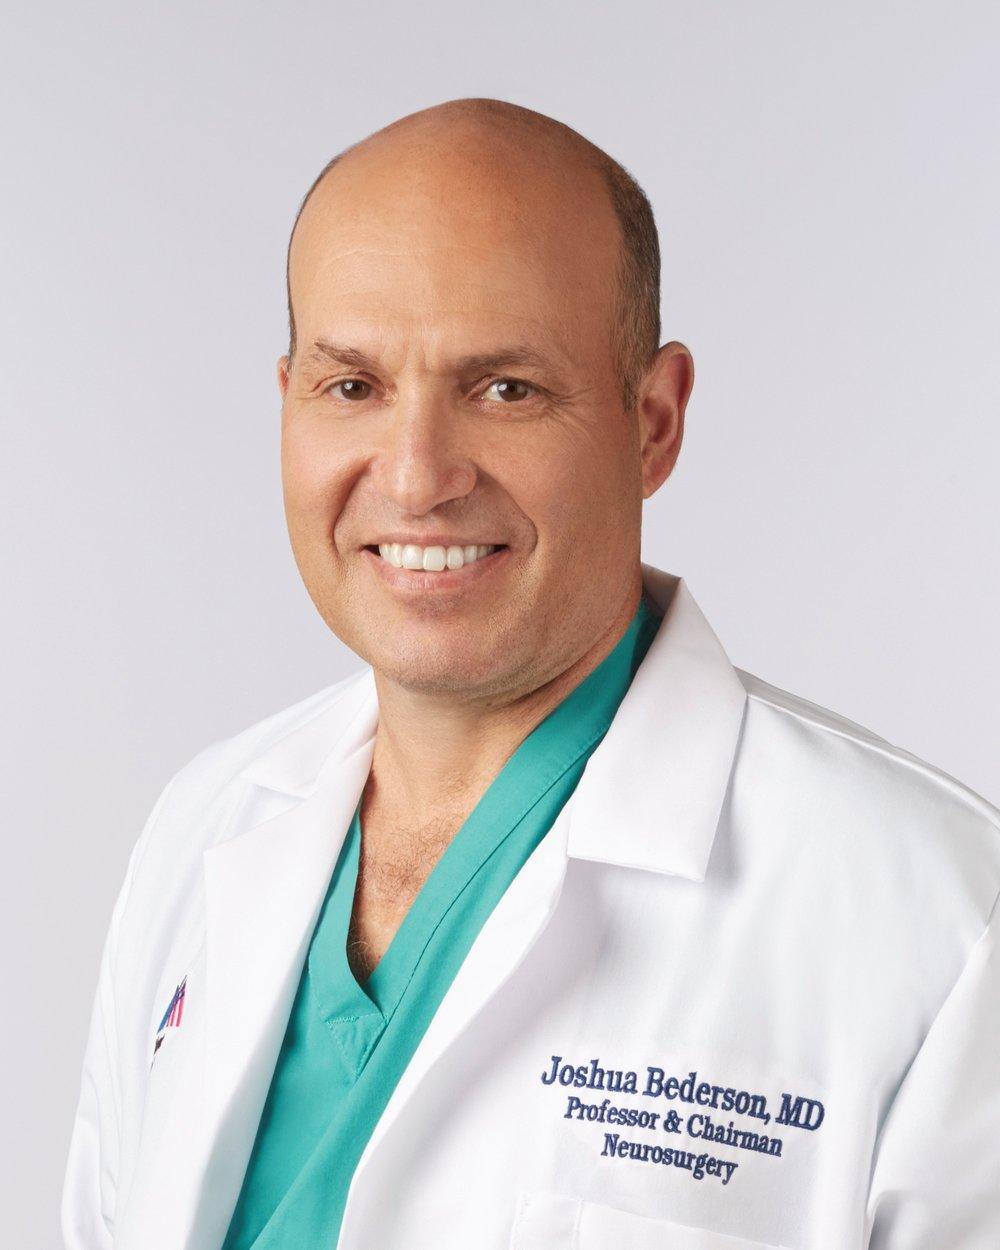 Joshua Bederson,MD - System ChairNeurosurgeon